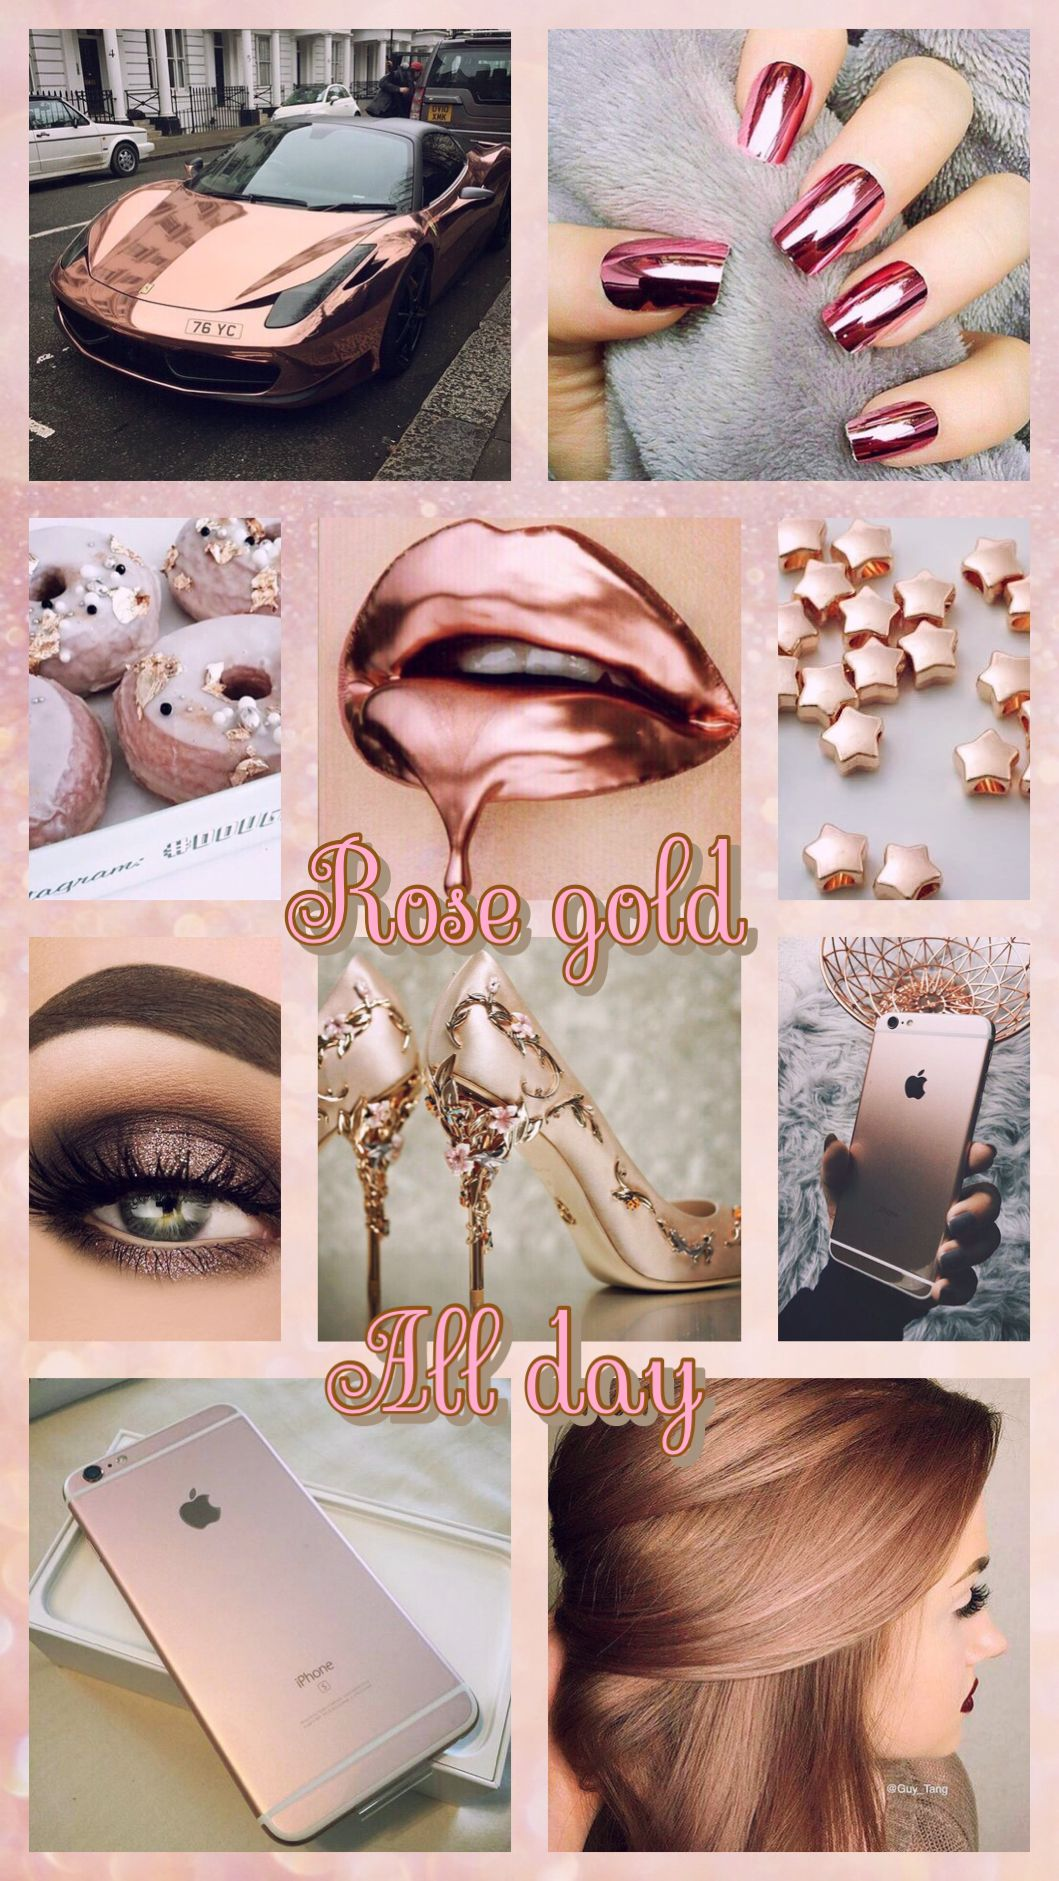 Pin by ŚฬέέȶǸέʂʂ💋 on ɠιr̸ℓιʂɧ щąιιʑ Rose gold wallpaper